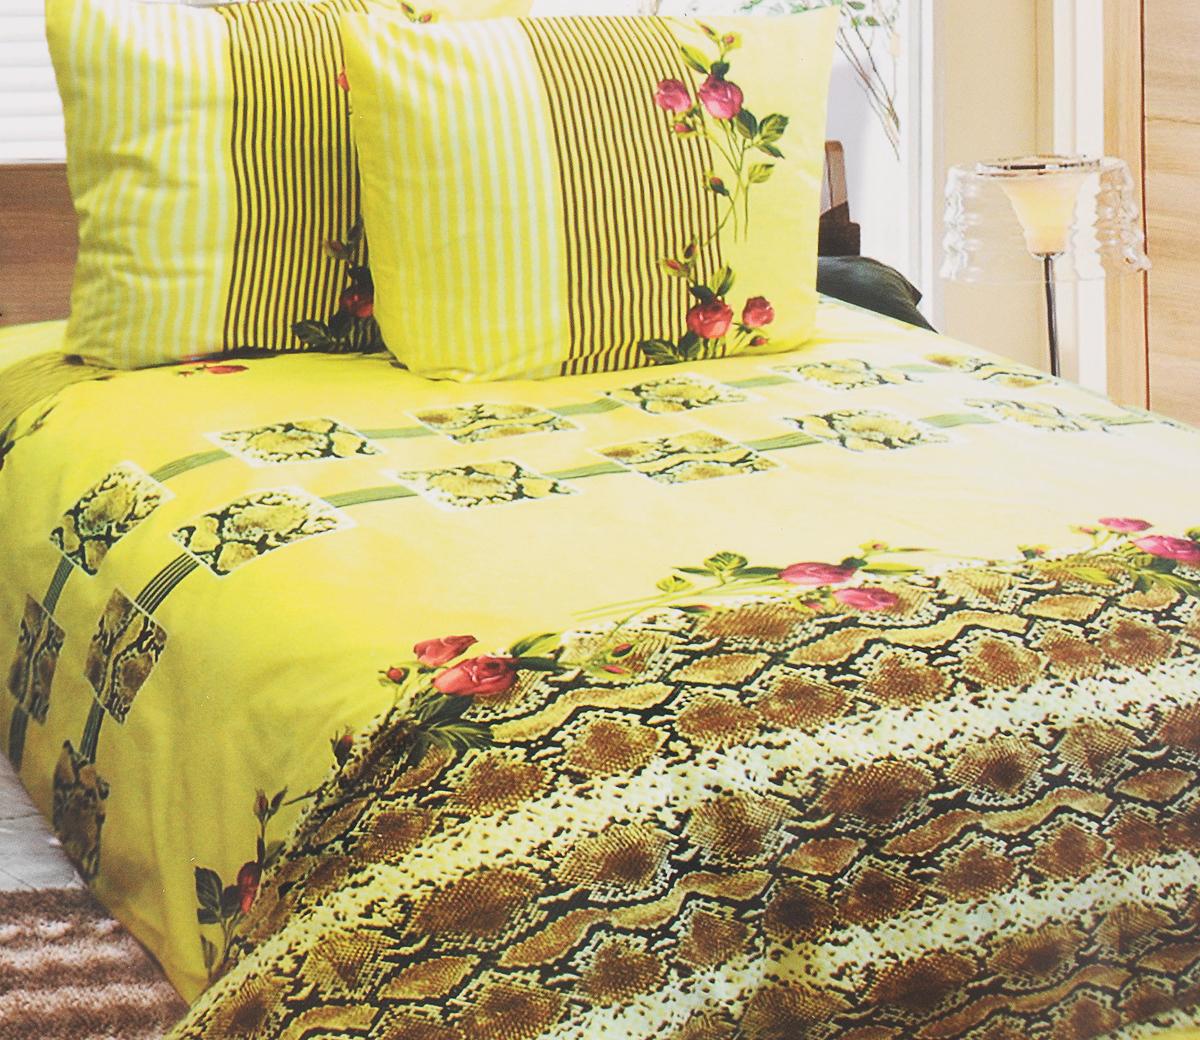 Комплект белья Катюша Клеопатра, 1,5-спальный, наволочки 70х70, цвет: светло-желтый, коричневый, красныйC-129/3954Комплект постельного белья Катюша Клеопатра является экологически безопасным для всей семьи, так как выполнен из бязи (100% хлопок). Комплект состоит из пододеяльника, простыни и двух наволочек. Постельное белье оформлено оригинальным рисунком и имеет изысканный внешний вид. Бязь - это ткань полотняного переплетения, изготовленная из экологически чистого и натурального 100% хлопка. Она прочная, мягкая, обладает низкой сминаемостью, легко стирается и хорошо гладится. Бязь прекрасно пропускает воздух и за ней легко ухаживать. При соблюдении рекомендуемых условий стирки, сушки и глажения ткань имеет усадку по ГОСТу, сохранятся яркость текстильных рисунков. Приобретая комплект постельного белья Катюша Клеопатра, вы можете быть уверены в том, что покупка доставит вам и вашим близким удовольствие и подарит максимальный комфорт.